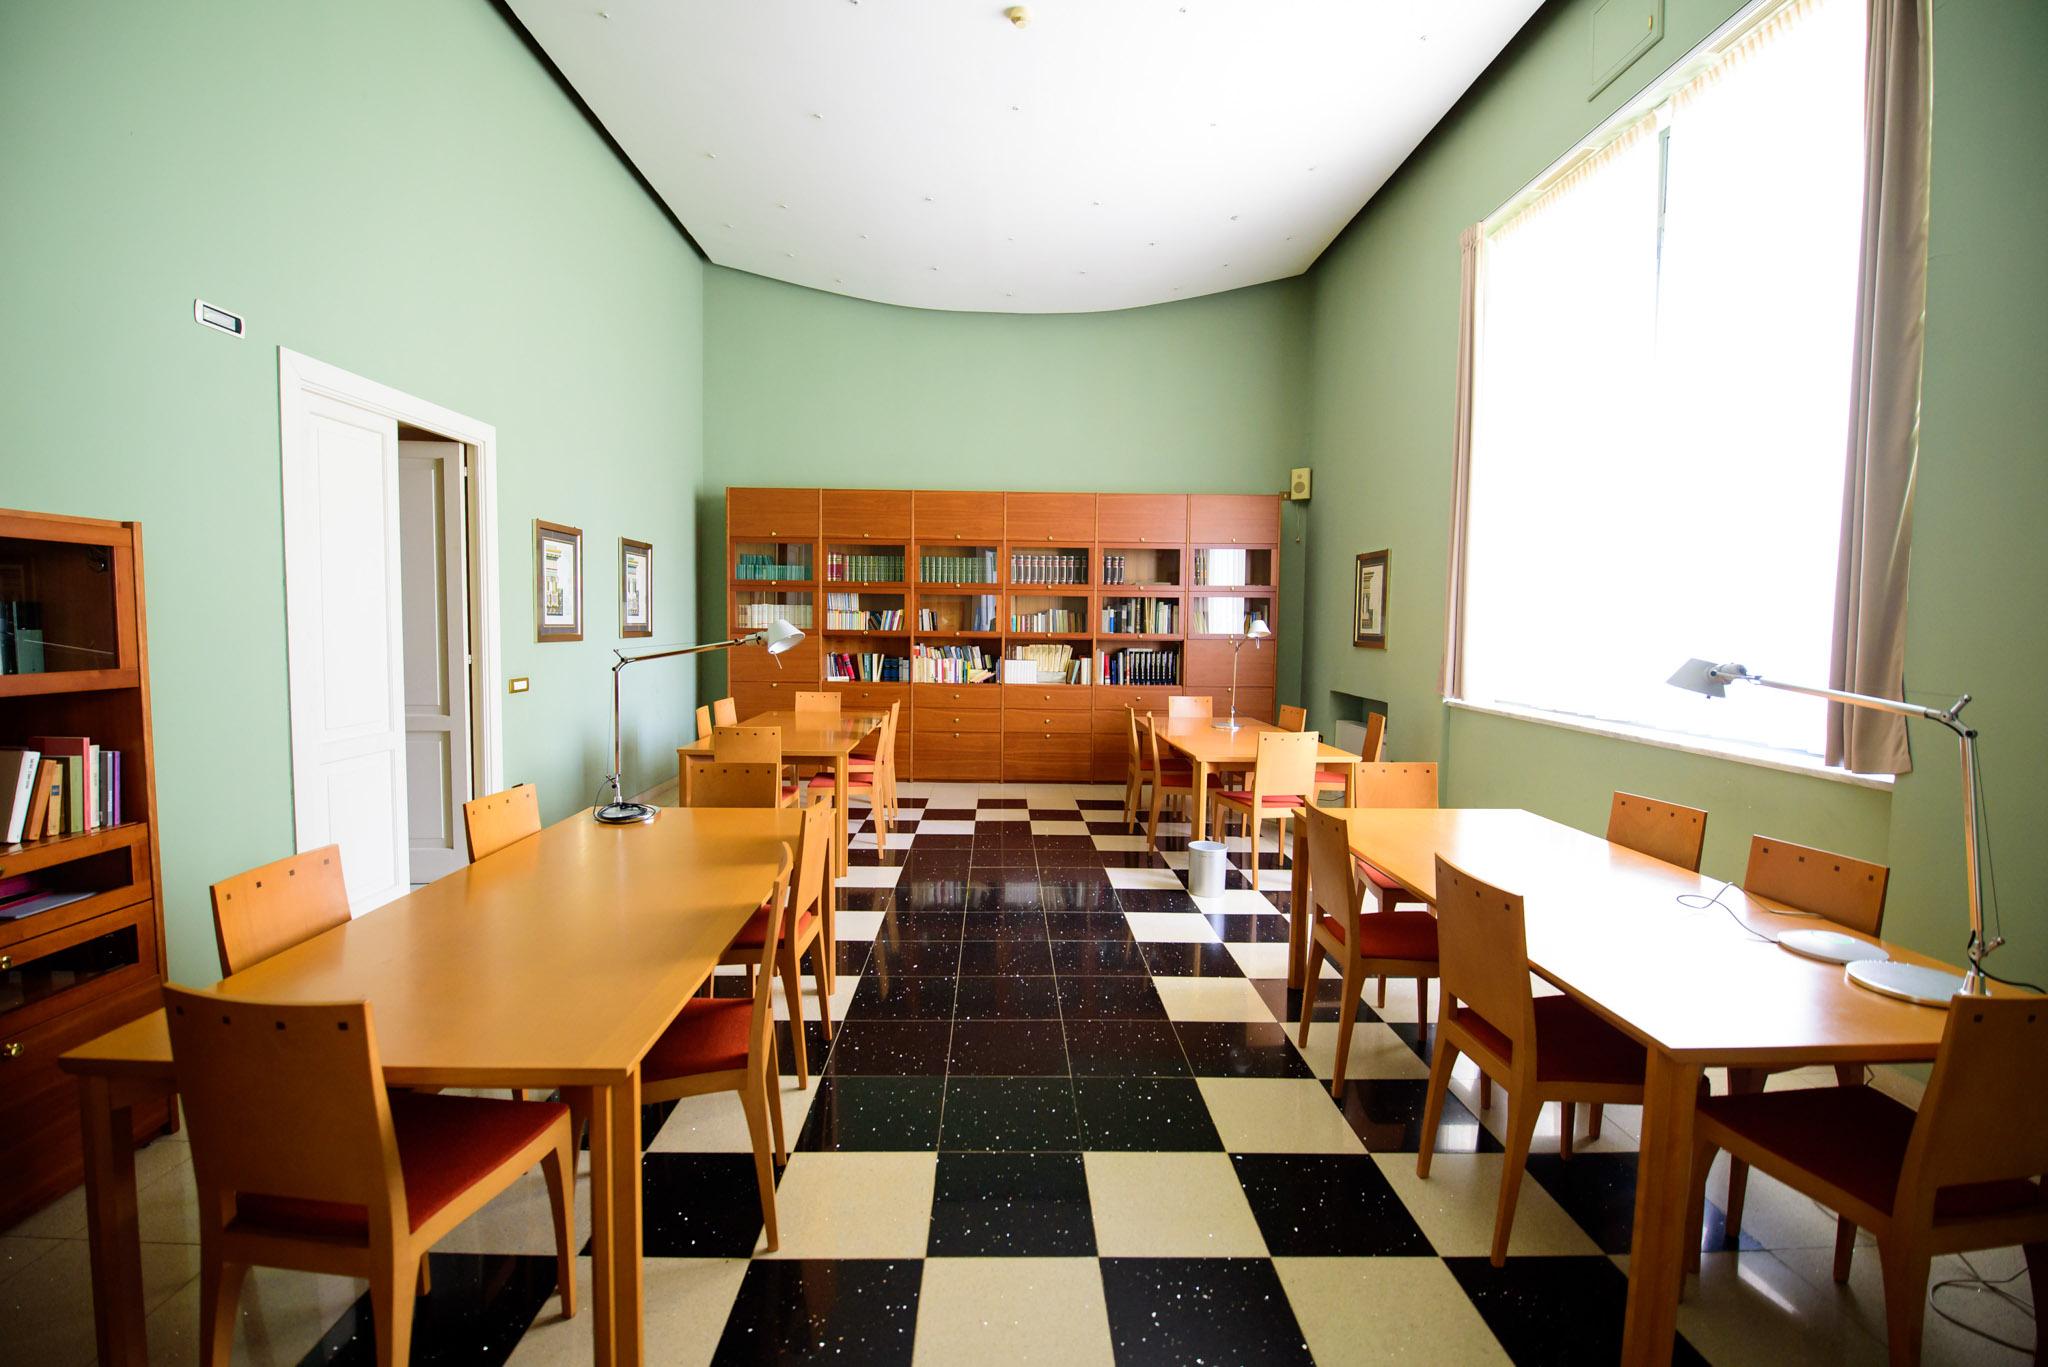 residenza universitaria napoli